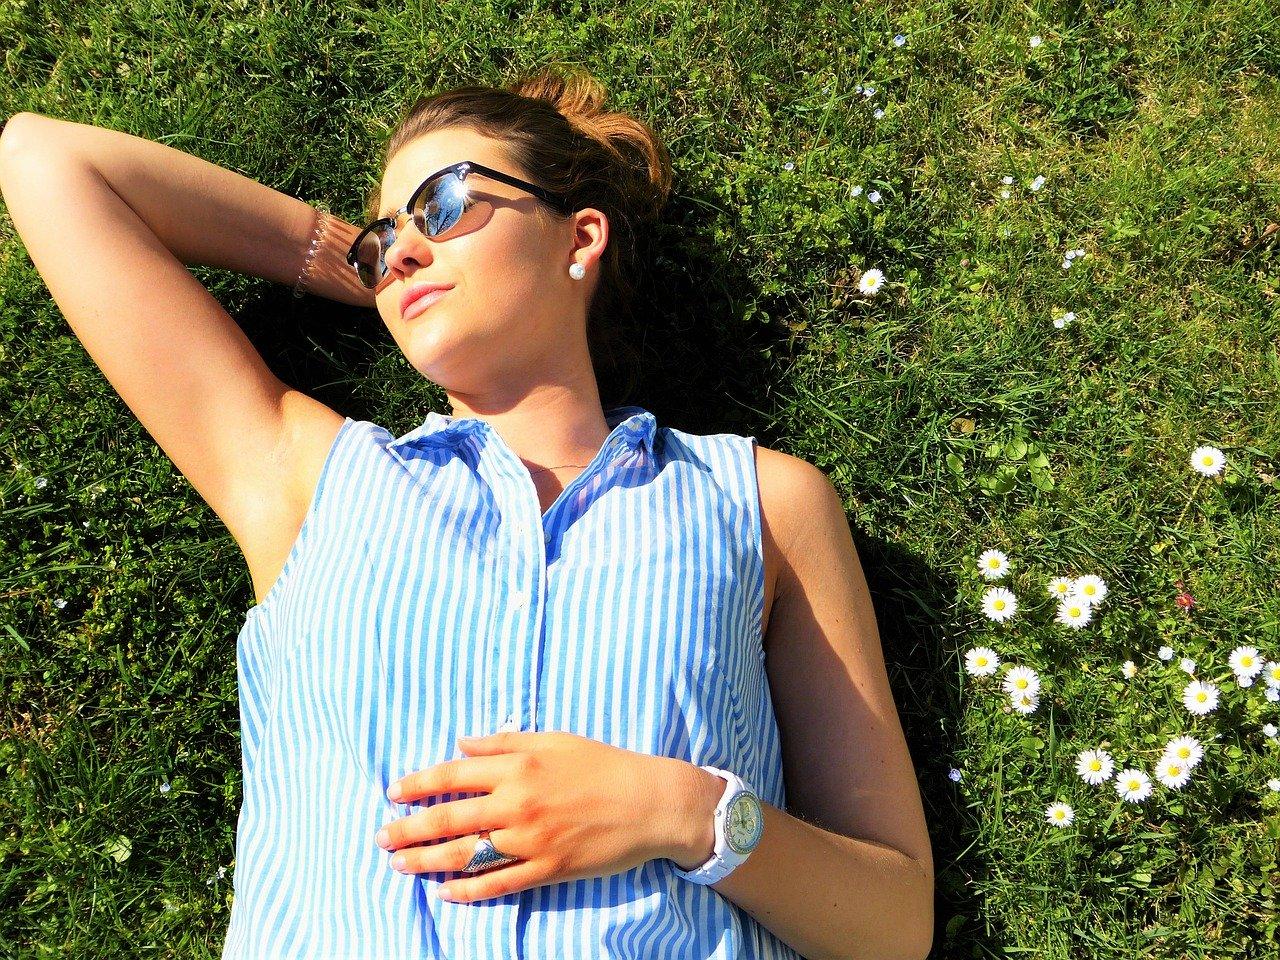 izpostavitev soncu za vitamin D